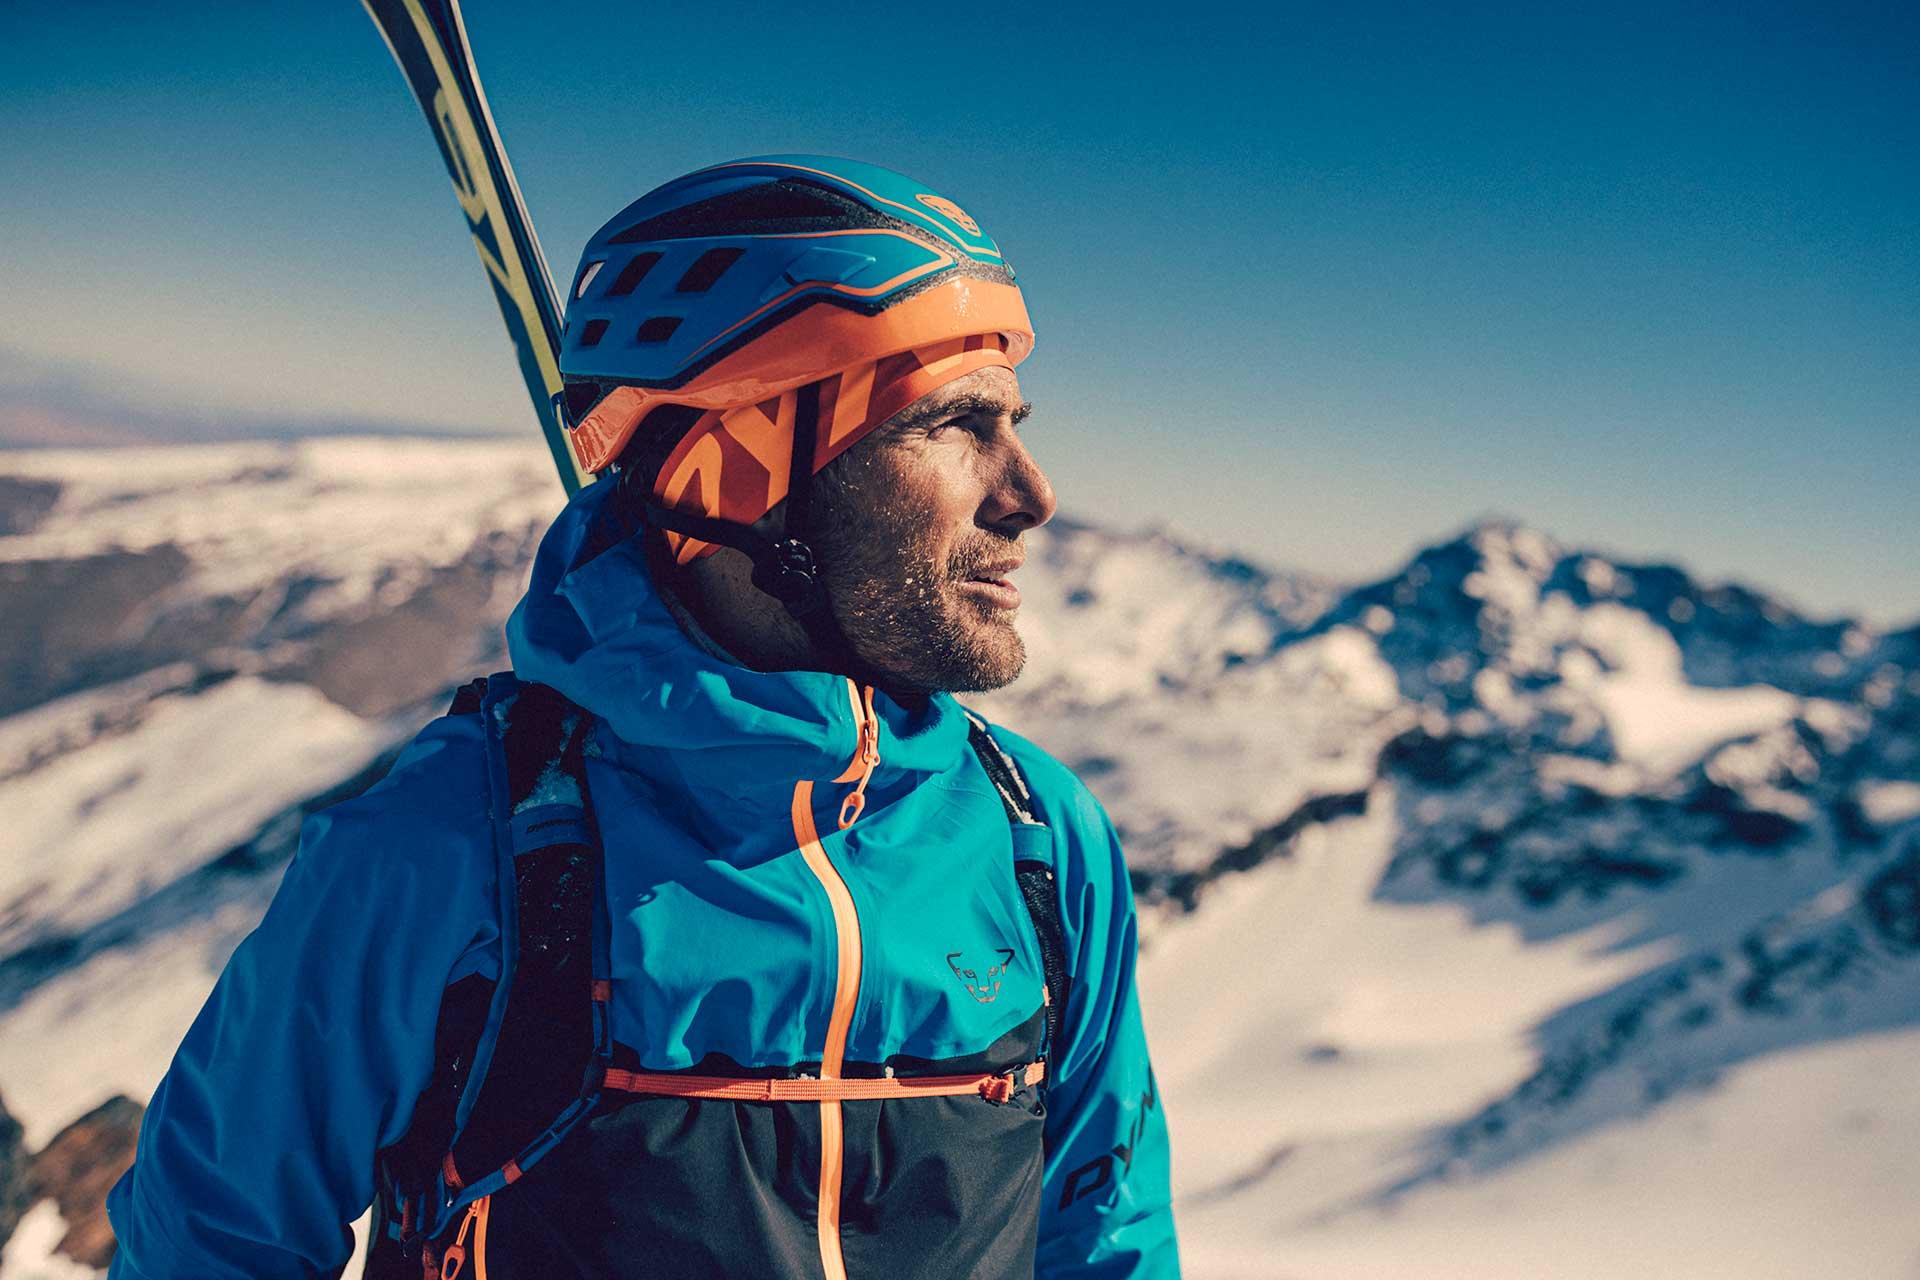 Portrait Fotograf Lifestyle Sport Skitour München Schweiz